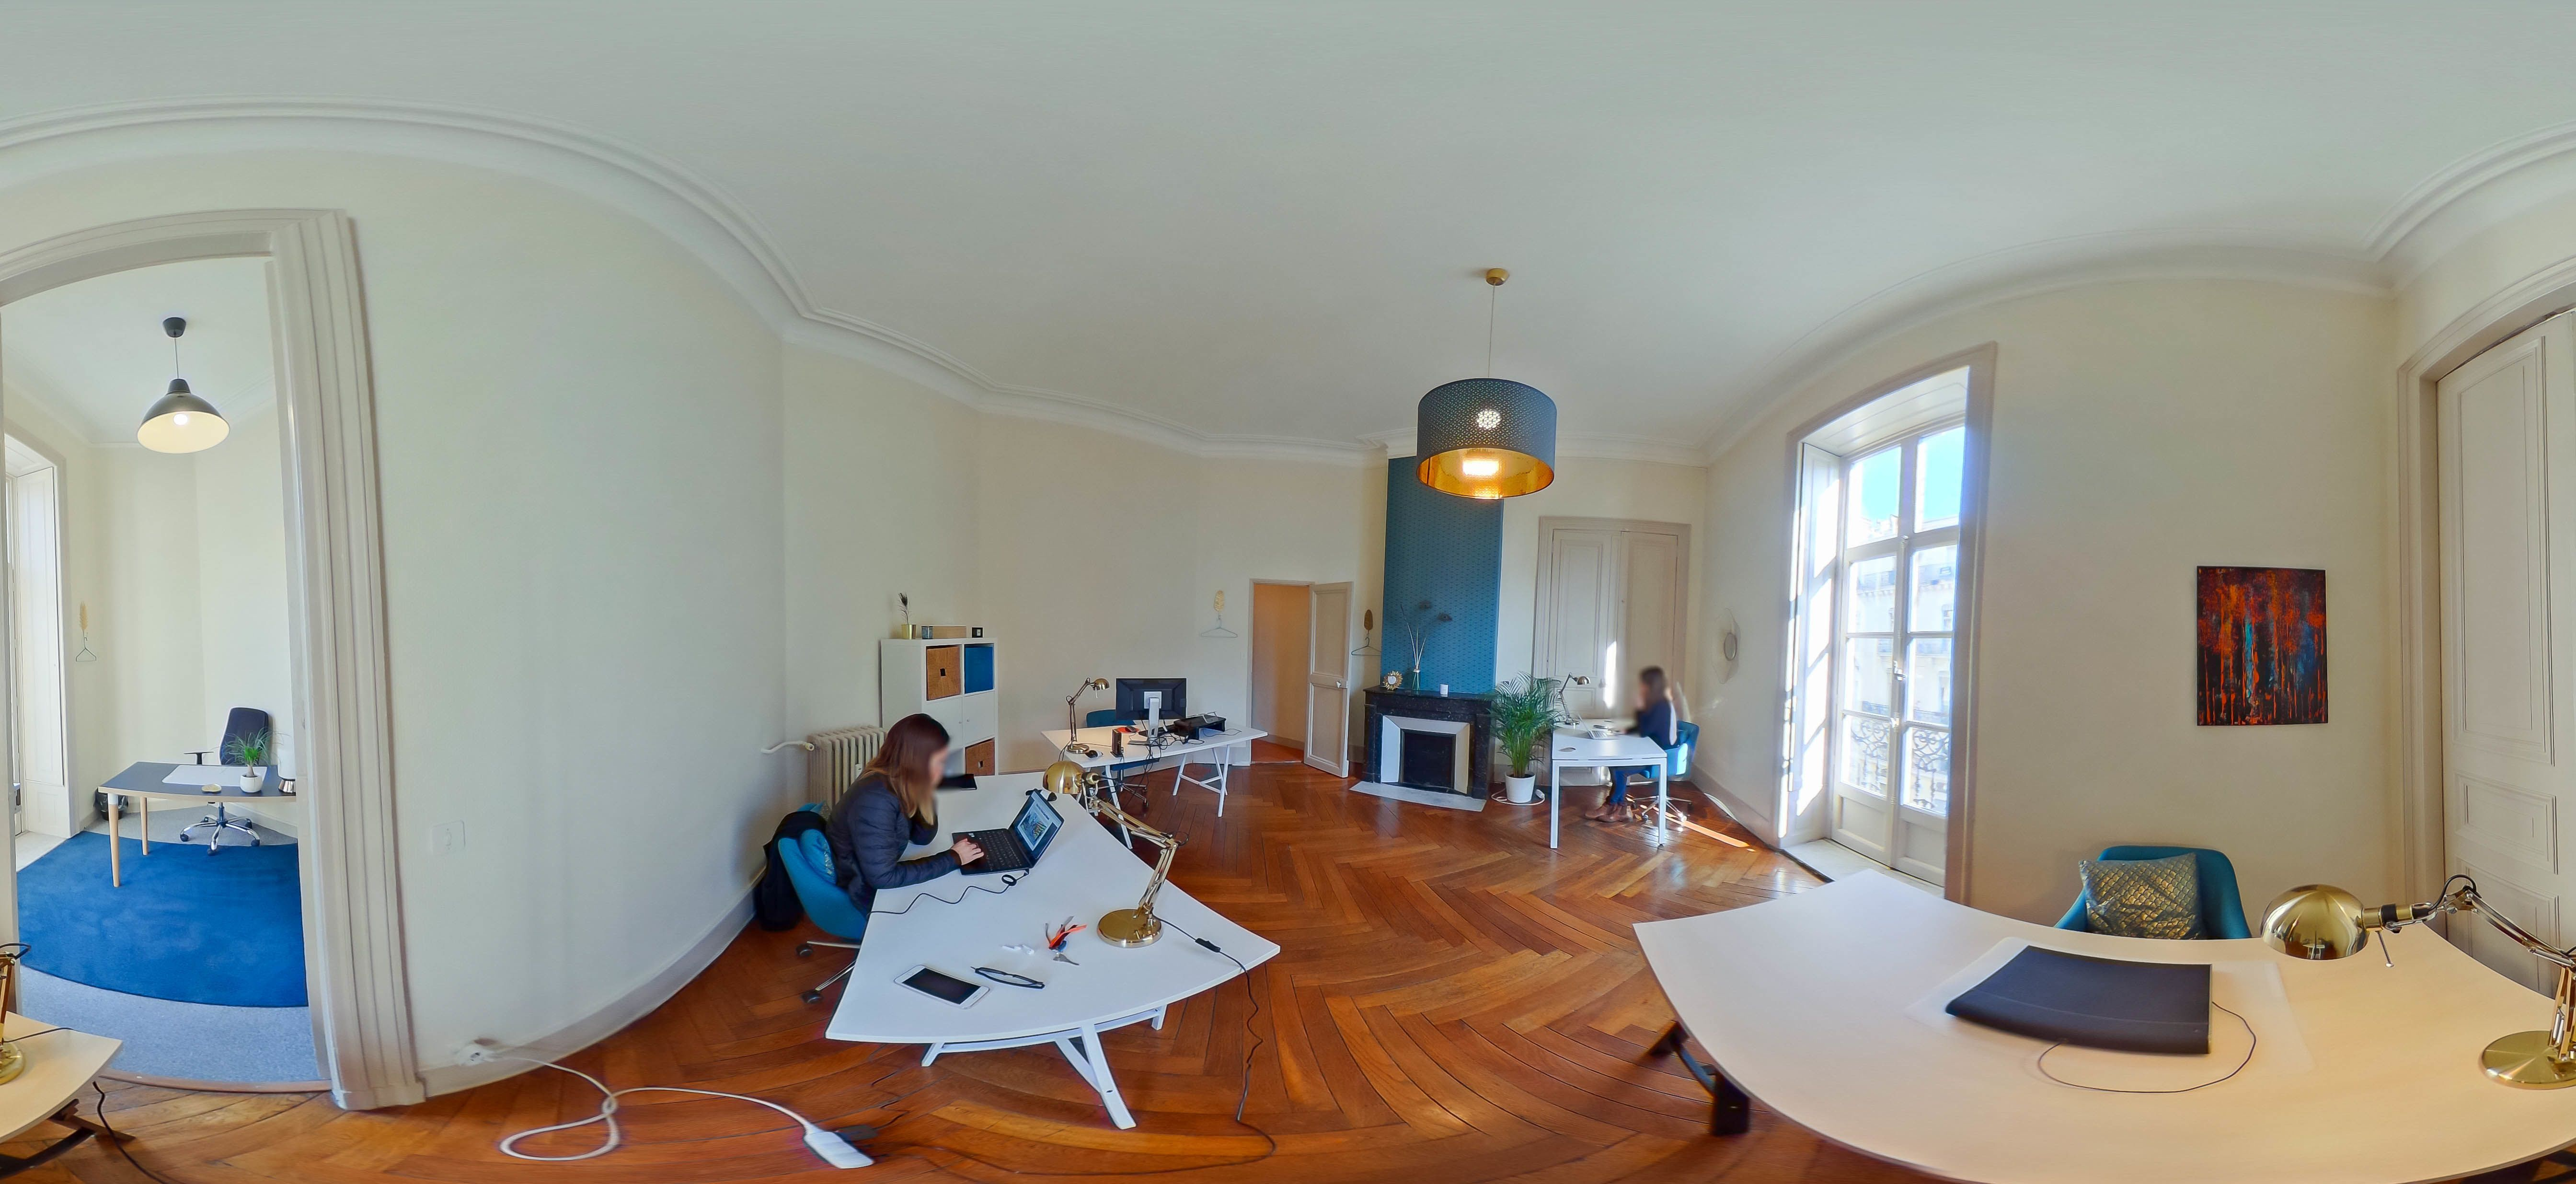 espace partagé d'une capacité de 5 personnes à Montpellier